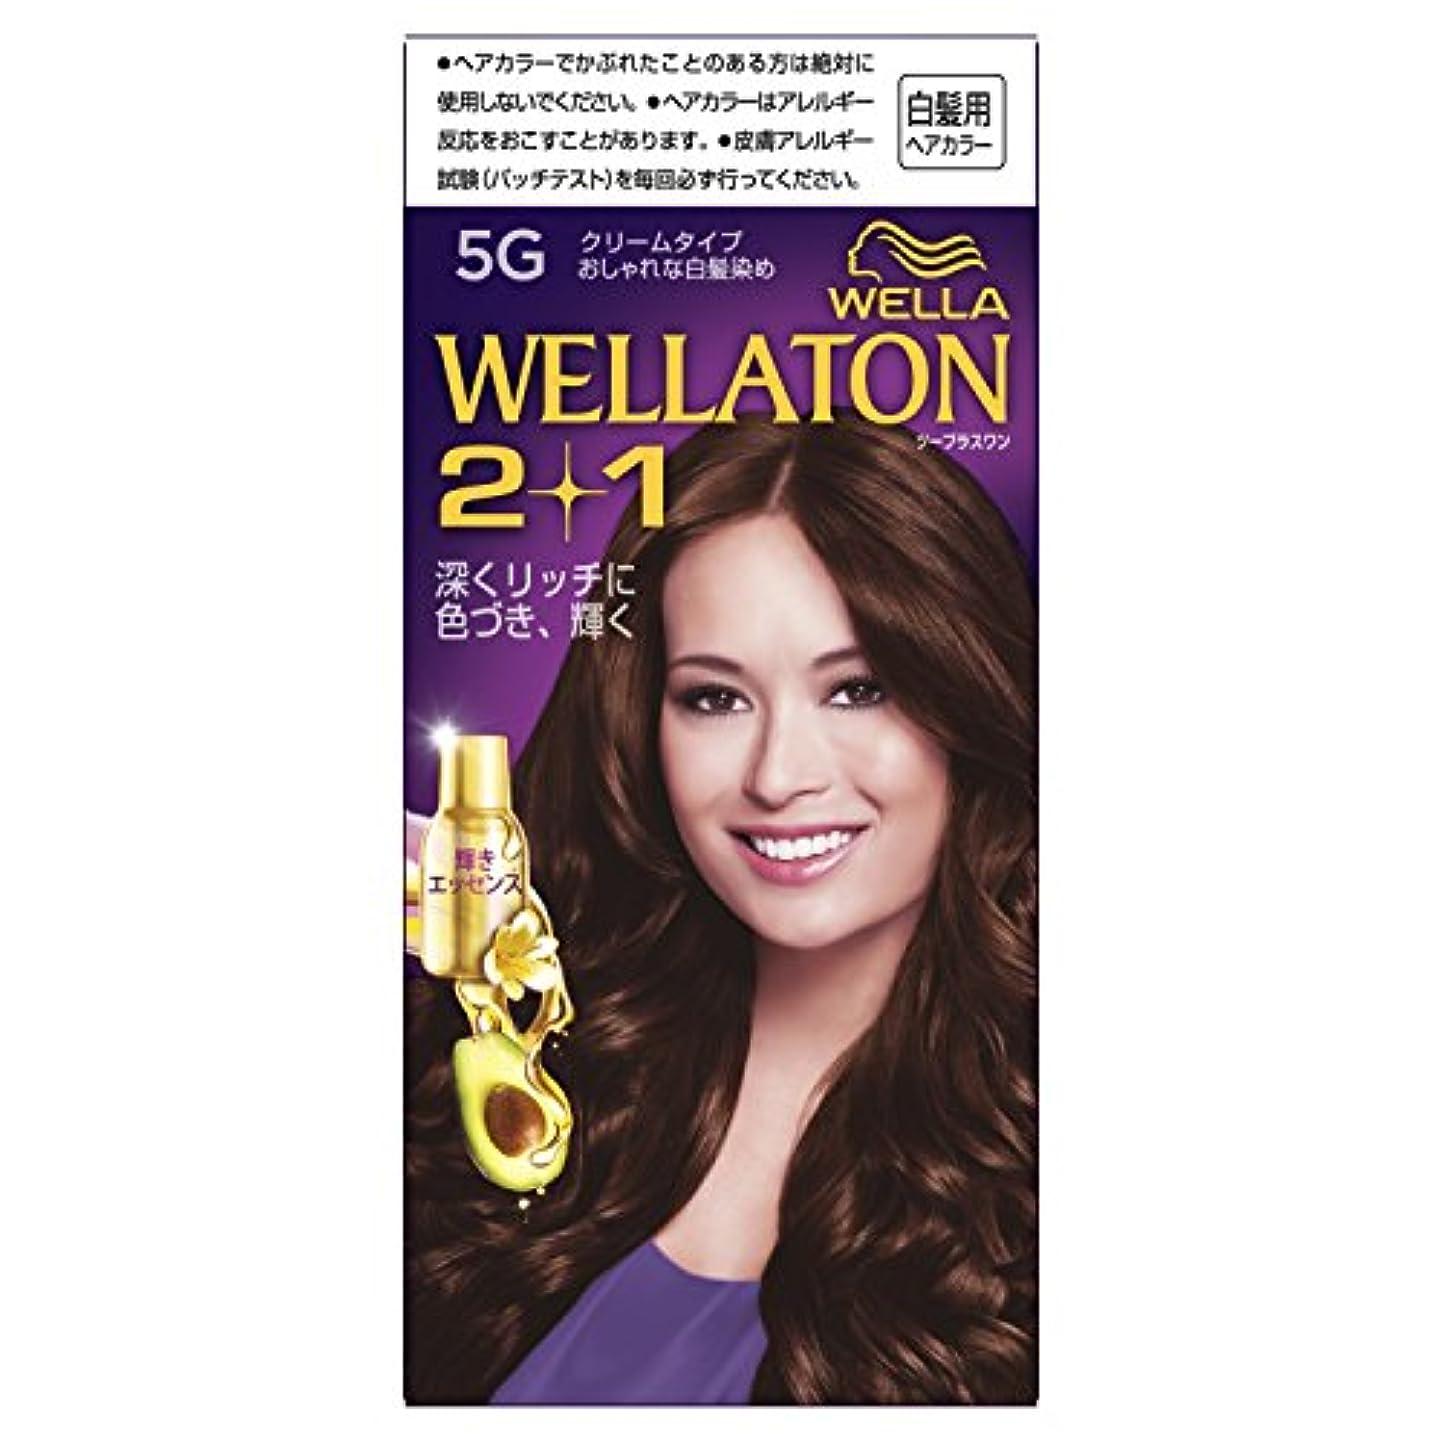 放つ前件差ウエラトーン2+1 クリームタイプ 5G [医薬部外品](おしゃれな白髪染め)